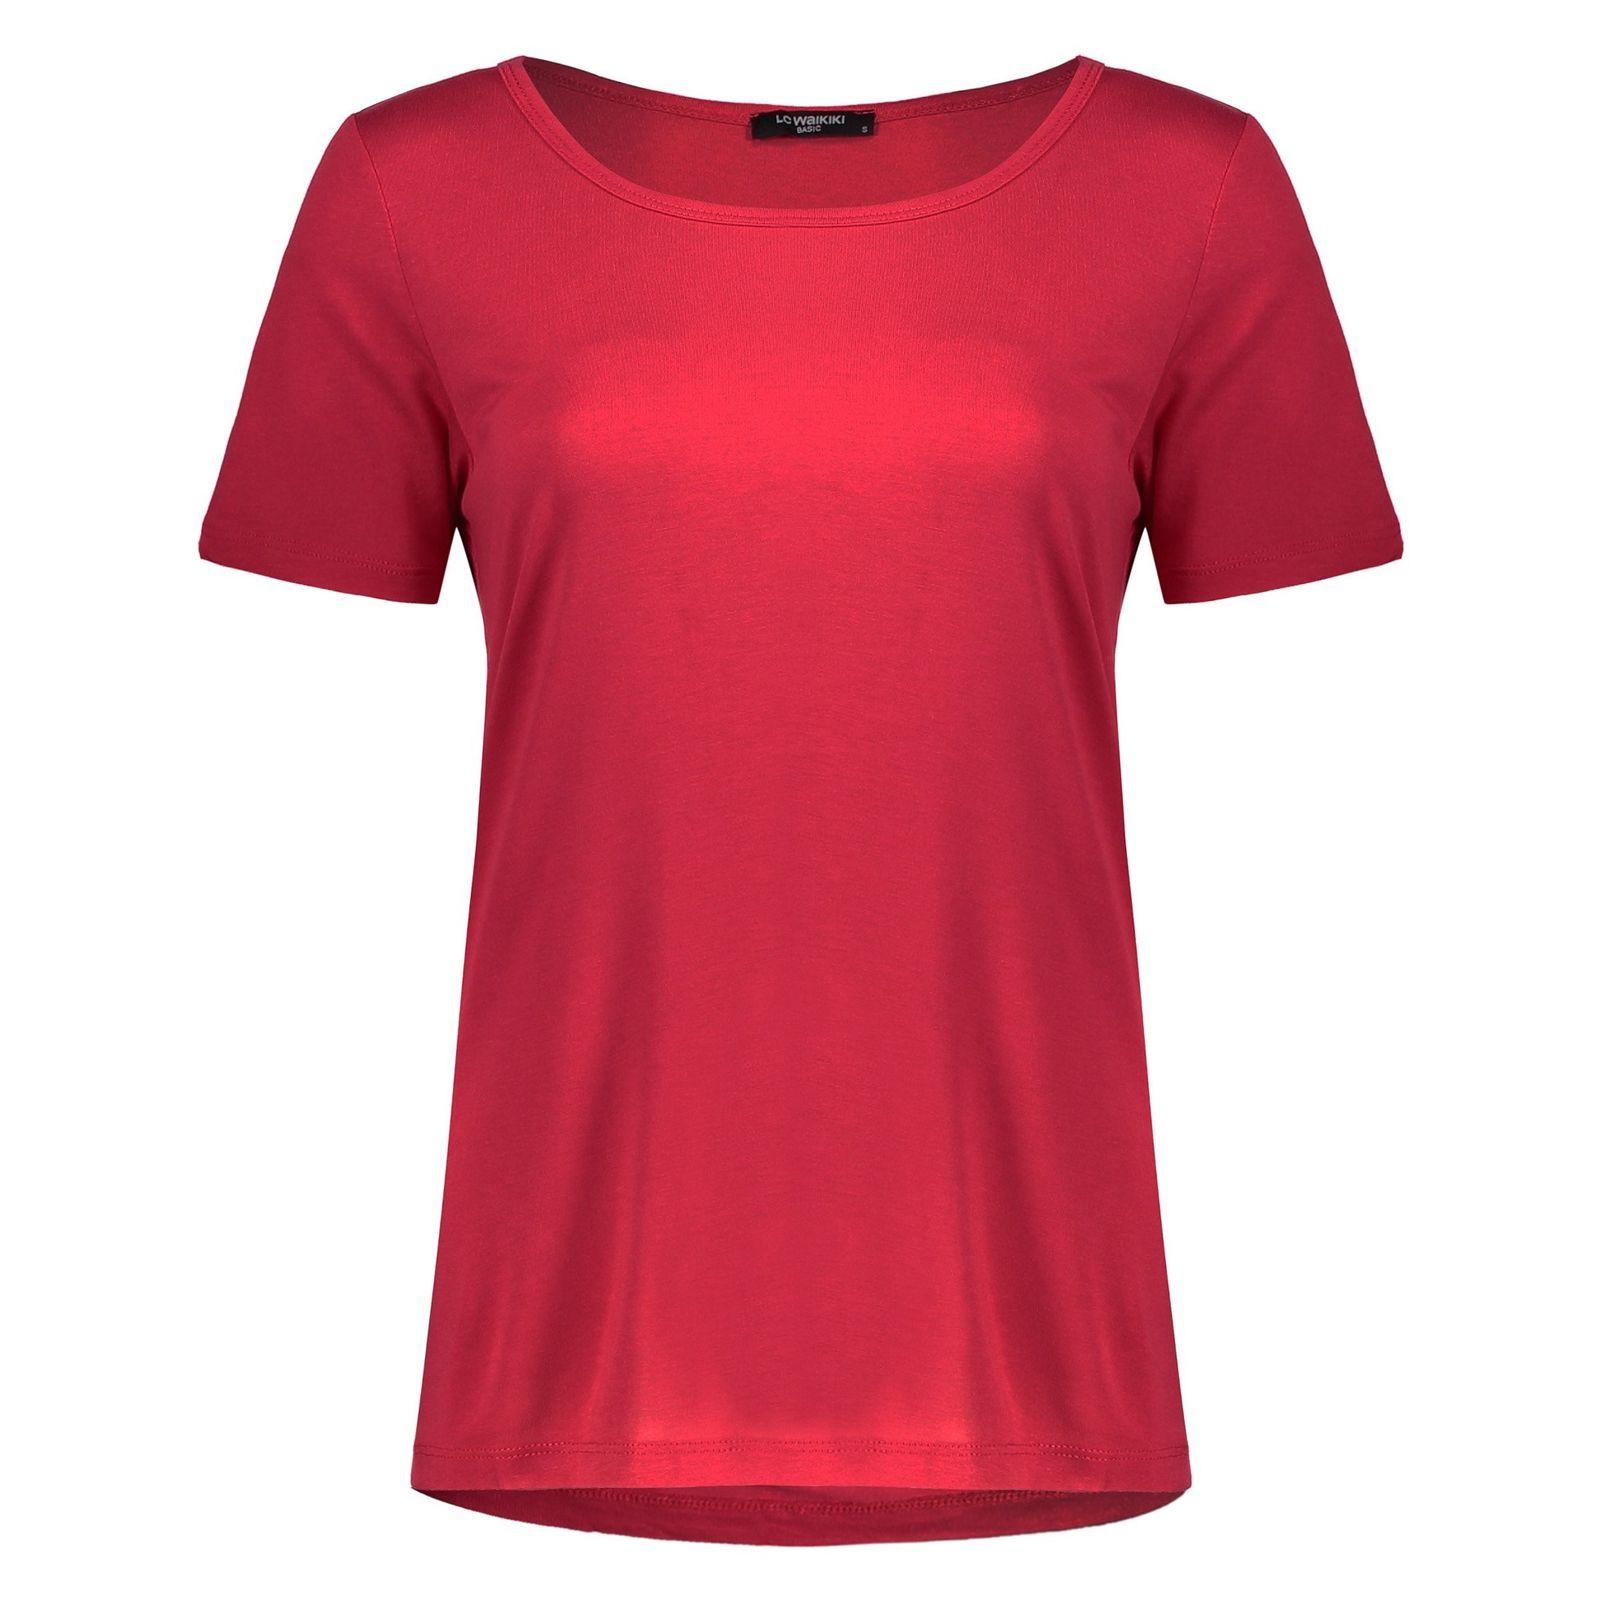 تی شرت ویسکوز یقه گرد زنانه - ال سی وایکیکی - قرمز - 1